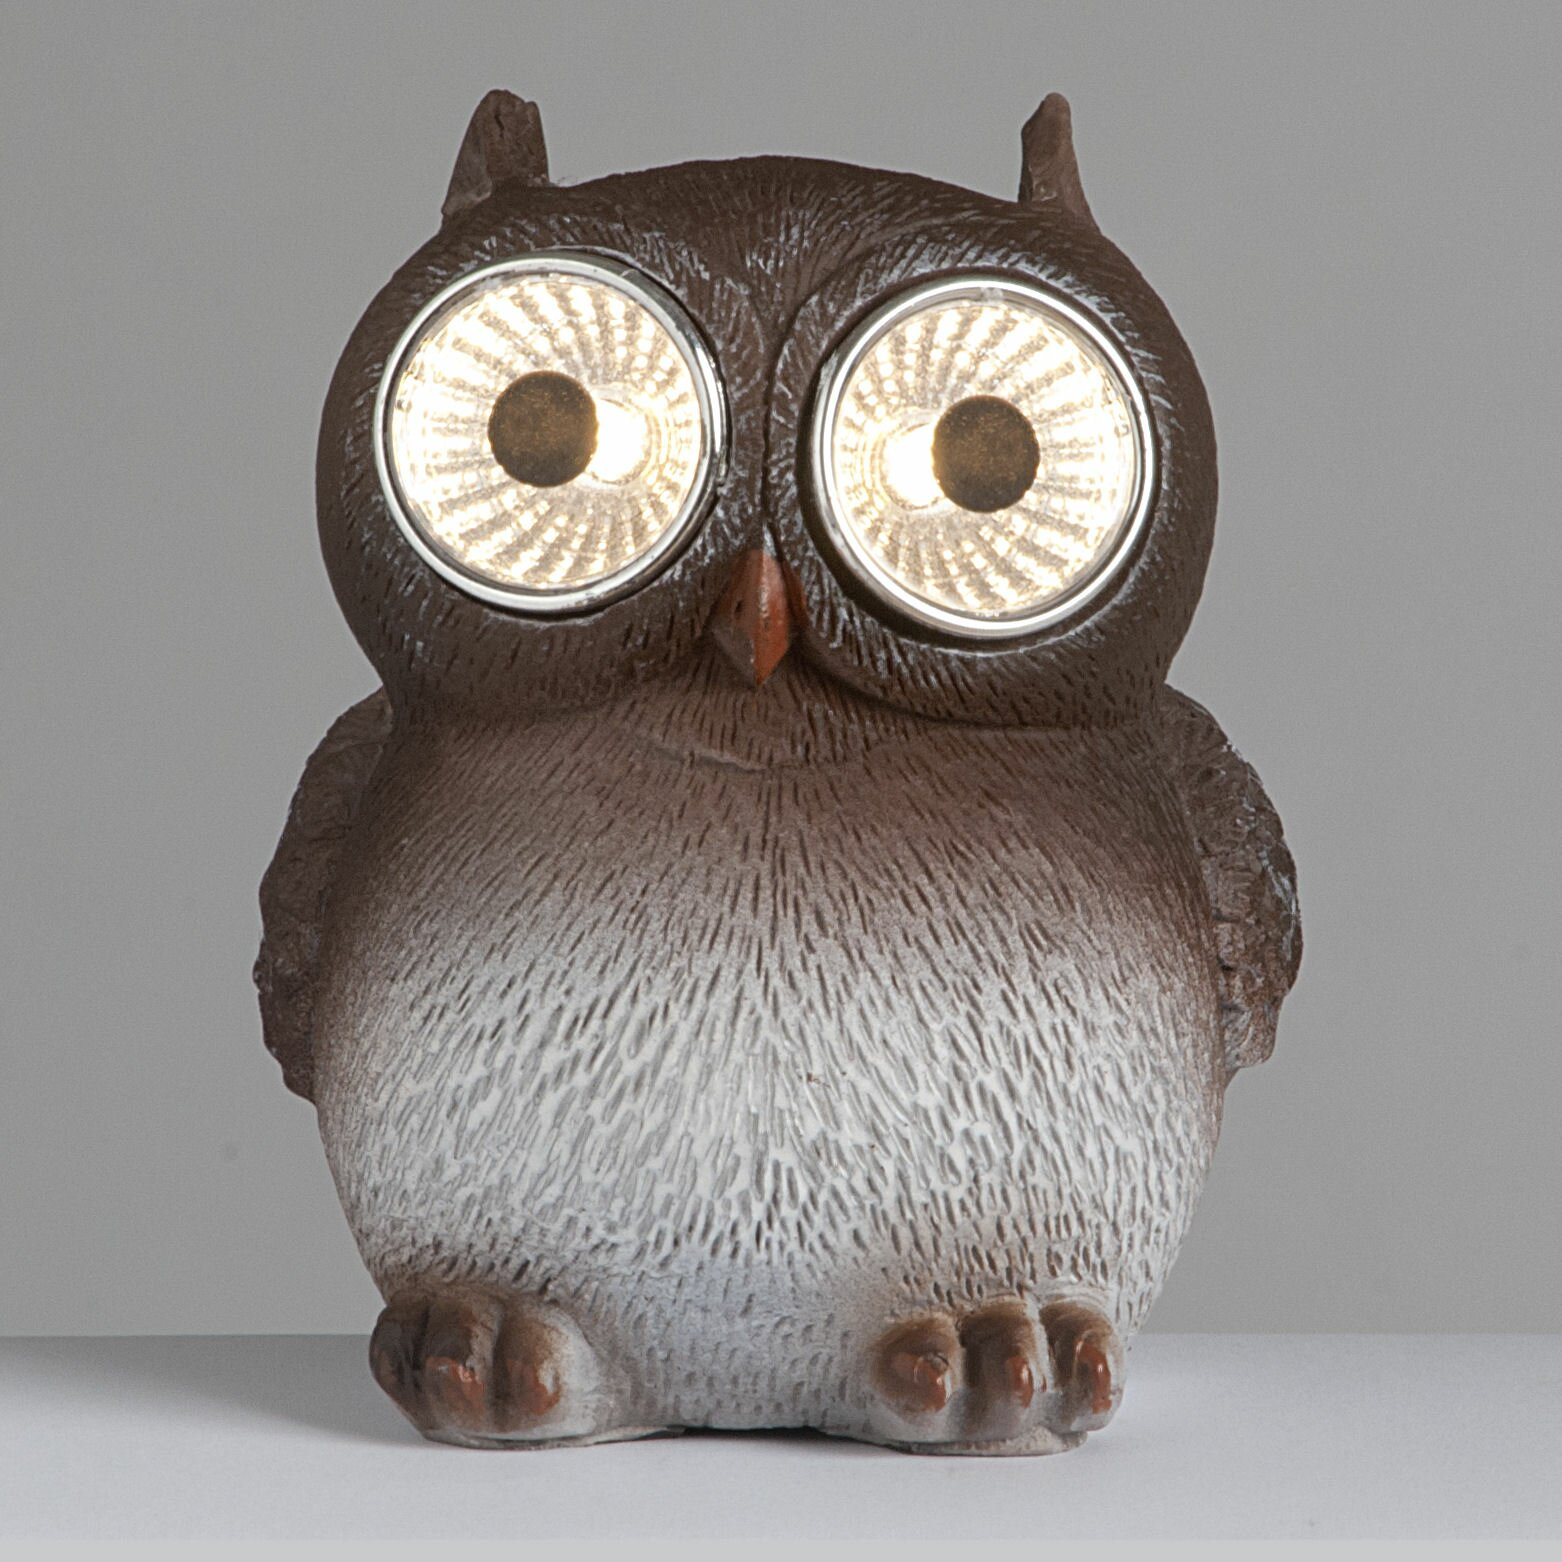 Wayfair Garden Statues: SunTime Outdoor Living Owls With Solar Eyes Garden Décor